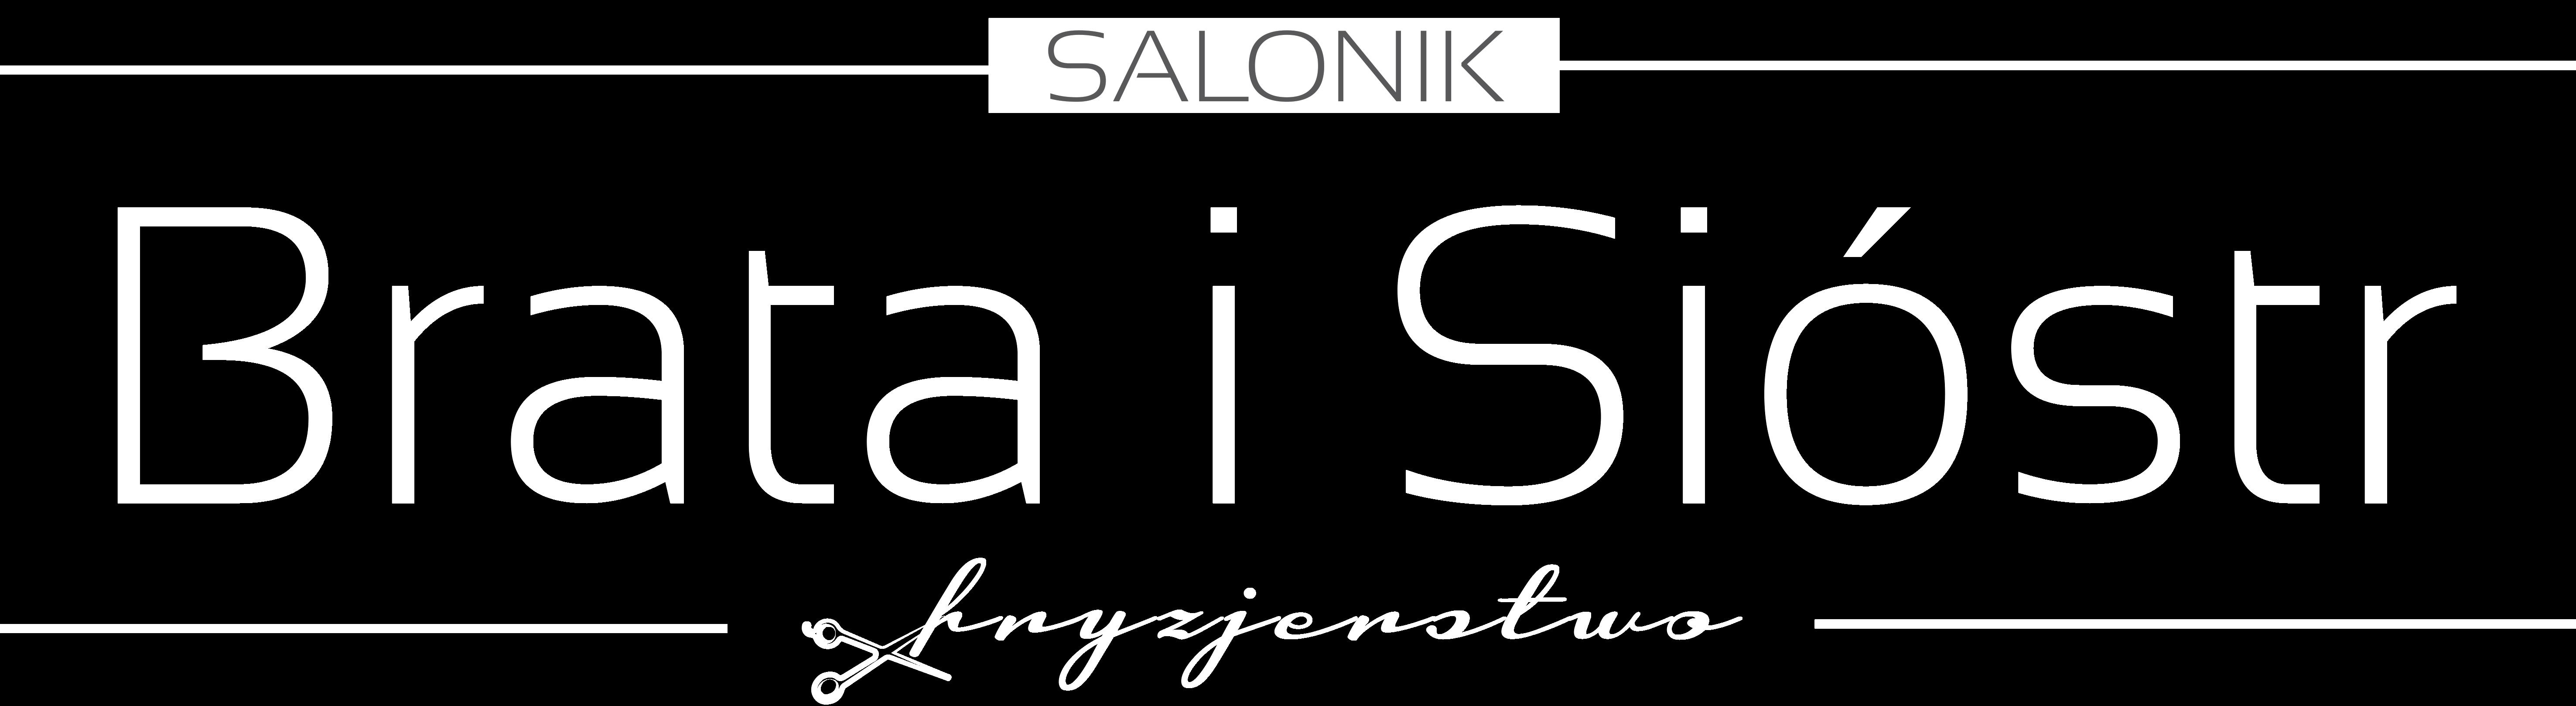 Salonik Brata i Sióstr